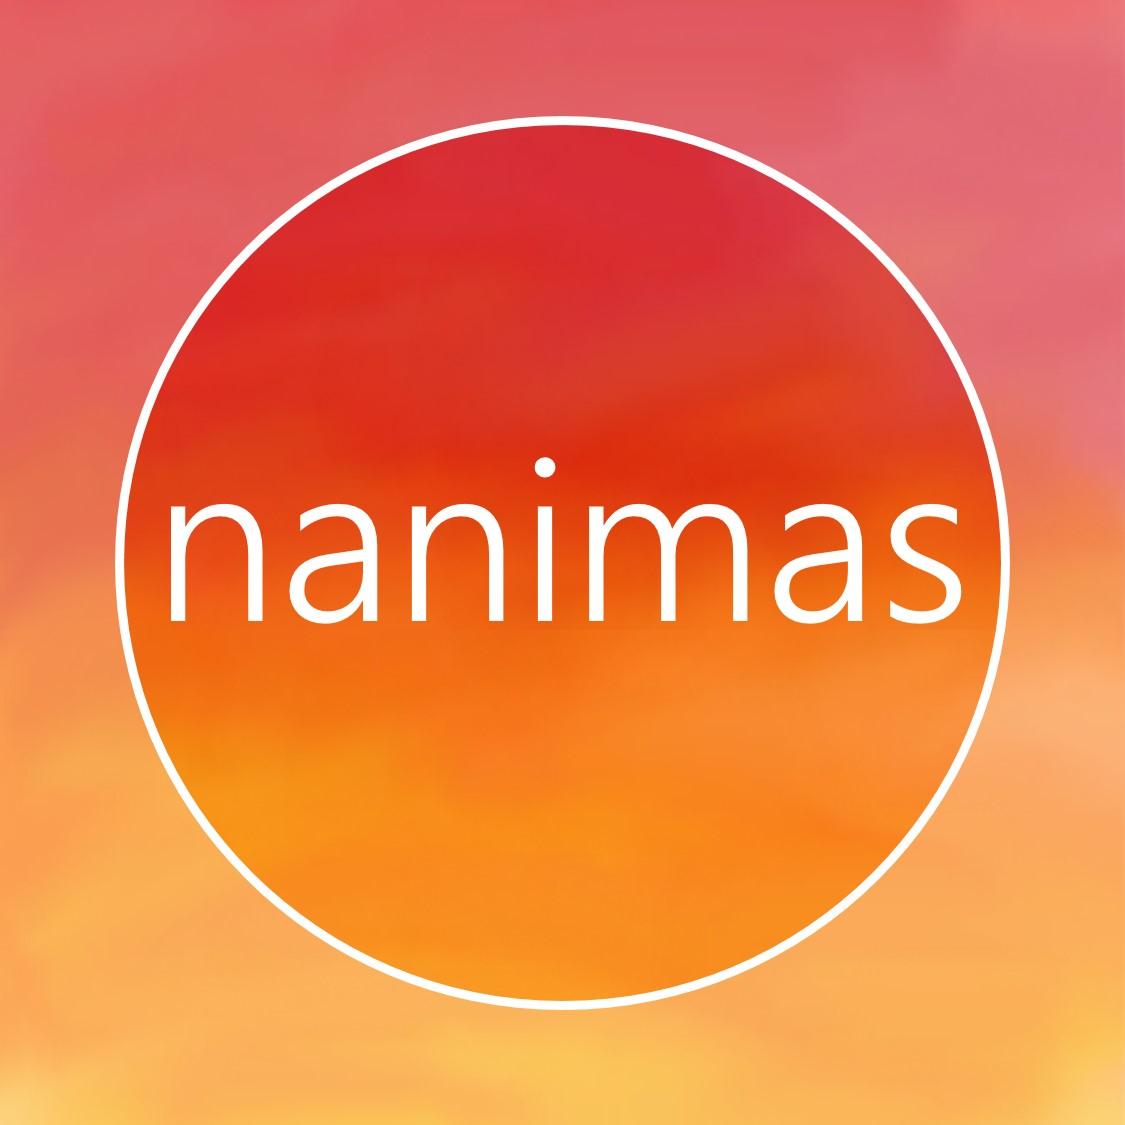 Nanimas